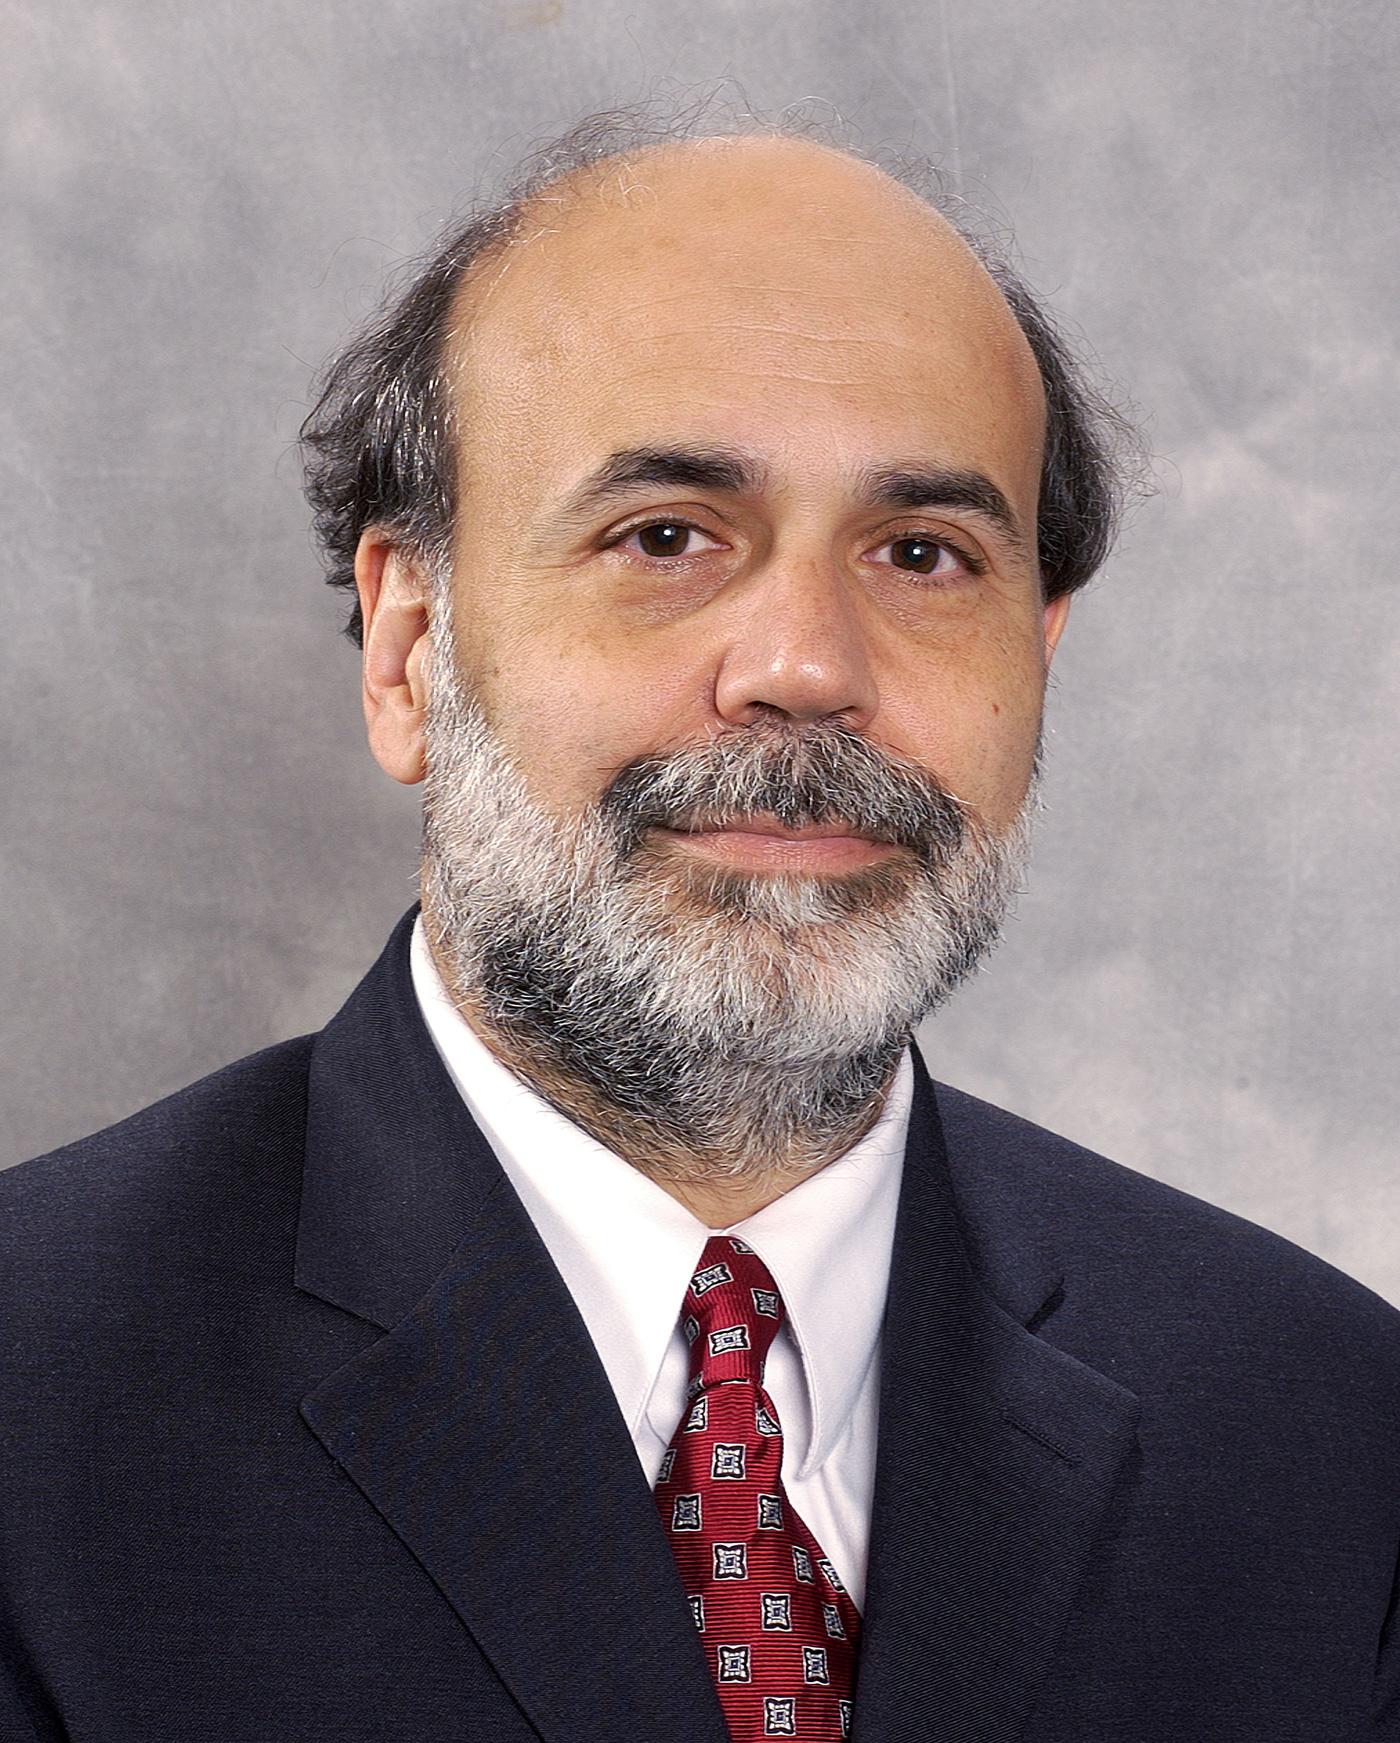 Image:Ben Bernanke.jpg